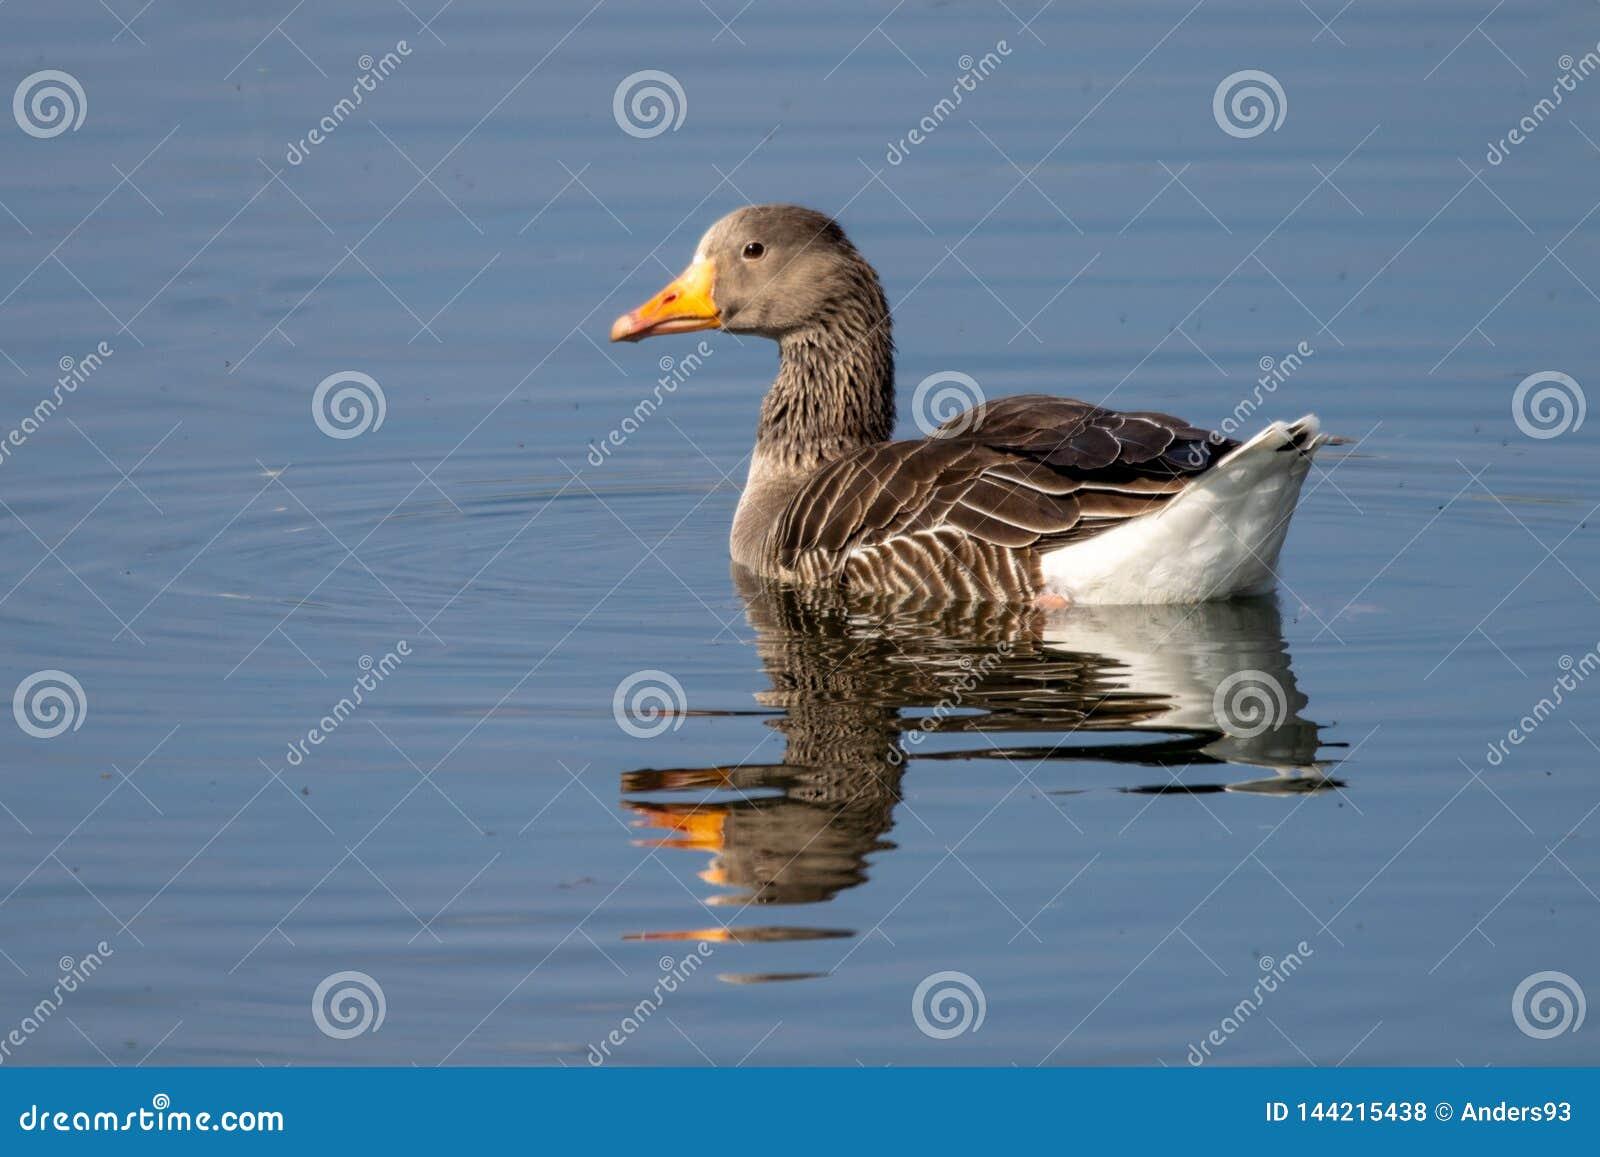 Czerń przewodził seagulls nurkuje w jezioro wodę dla chleba